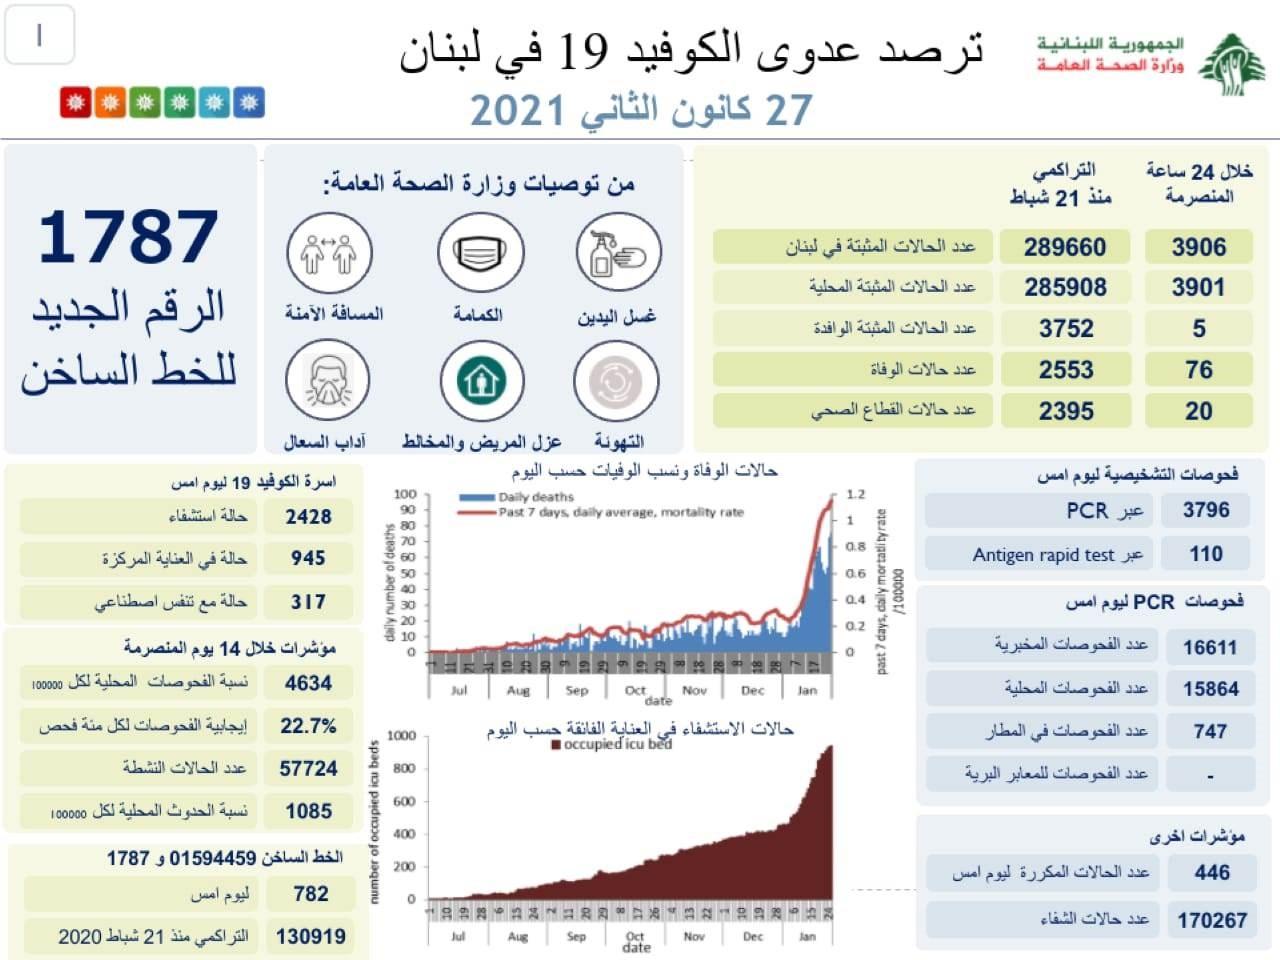 وزارة الصحة : 3906 إصابات جديدة بفيروس